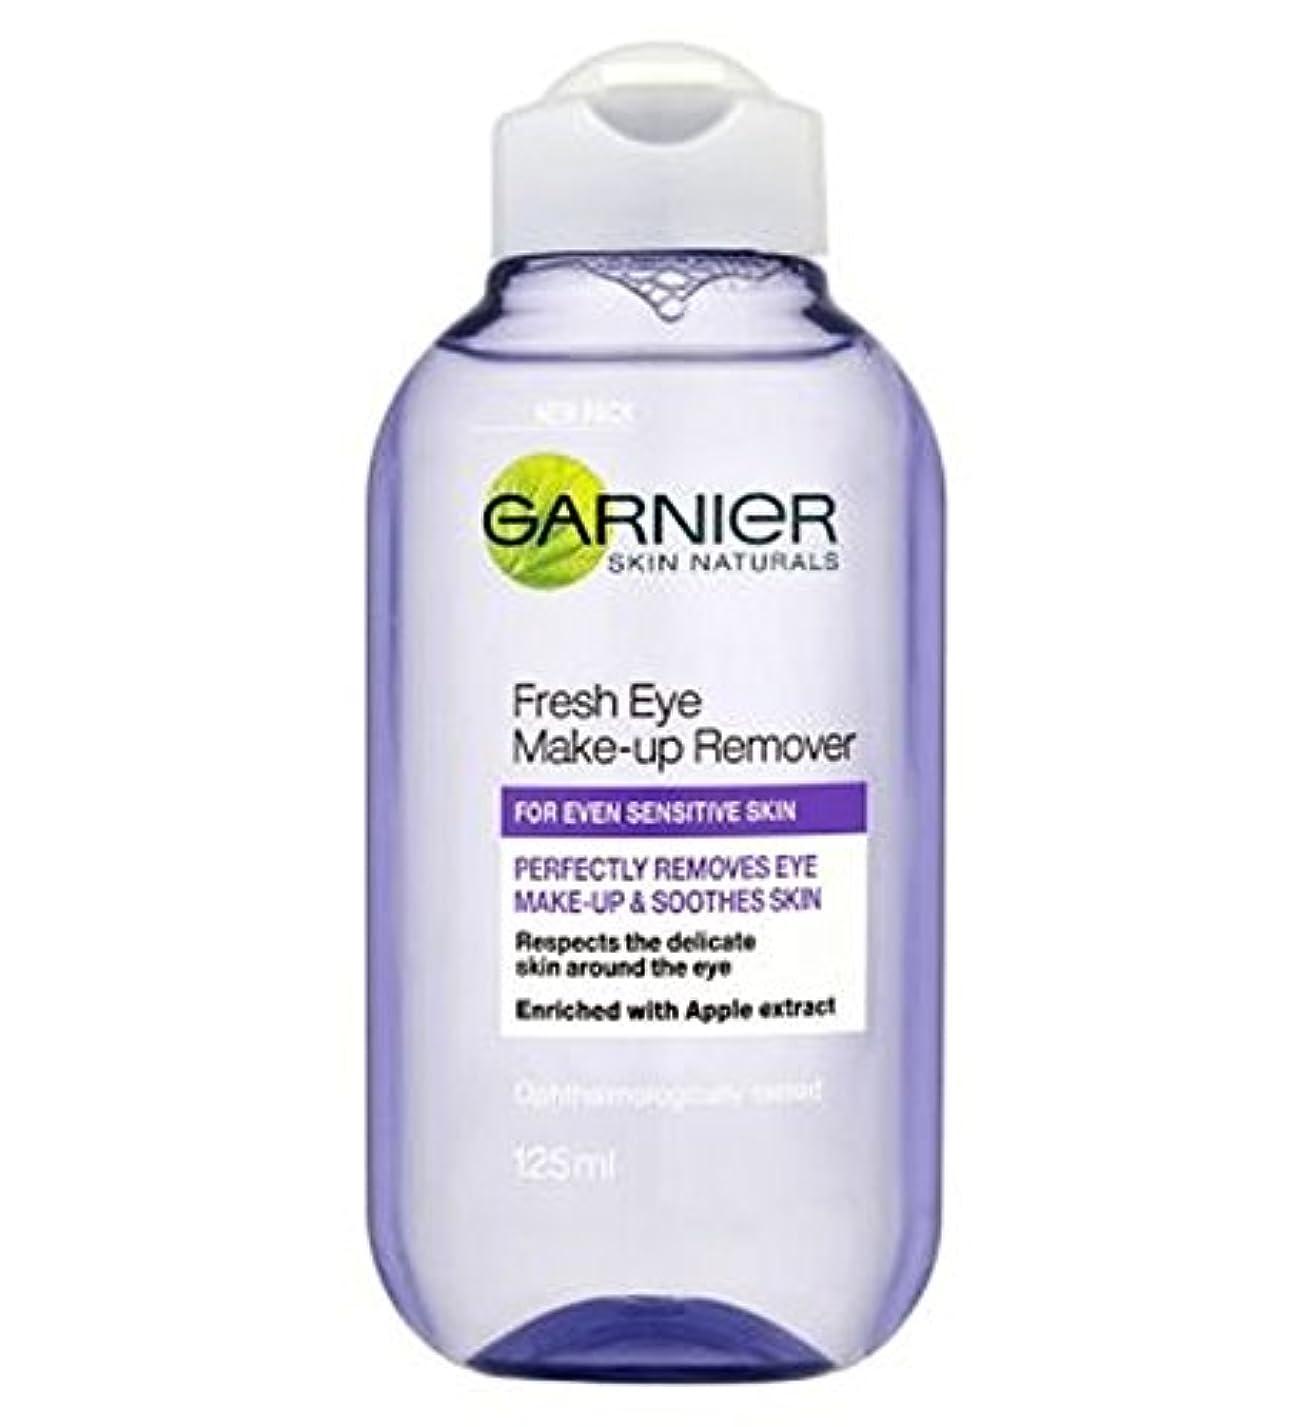 妥協ラウンジディンカルビルガルニエ新鮮な目作るリムーバー125ミリリットル (Garnier) (x2) - Garnier Fresh Eye Make Up Remover 125ml (Pack of 2) [並行輸入品]